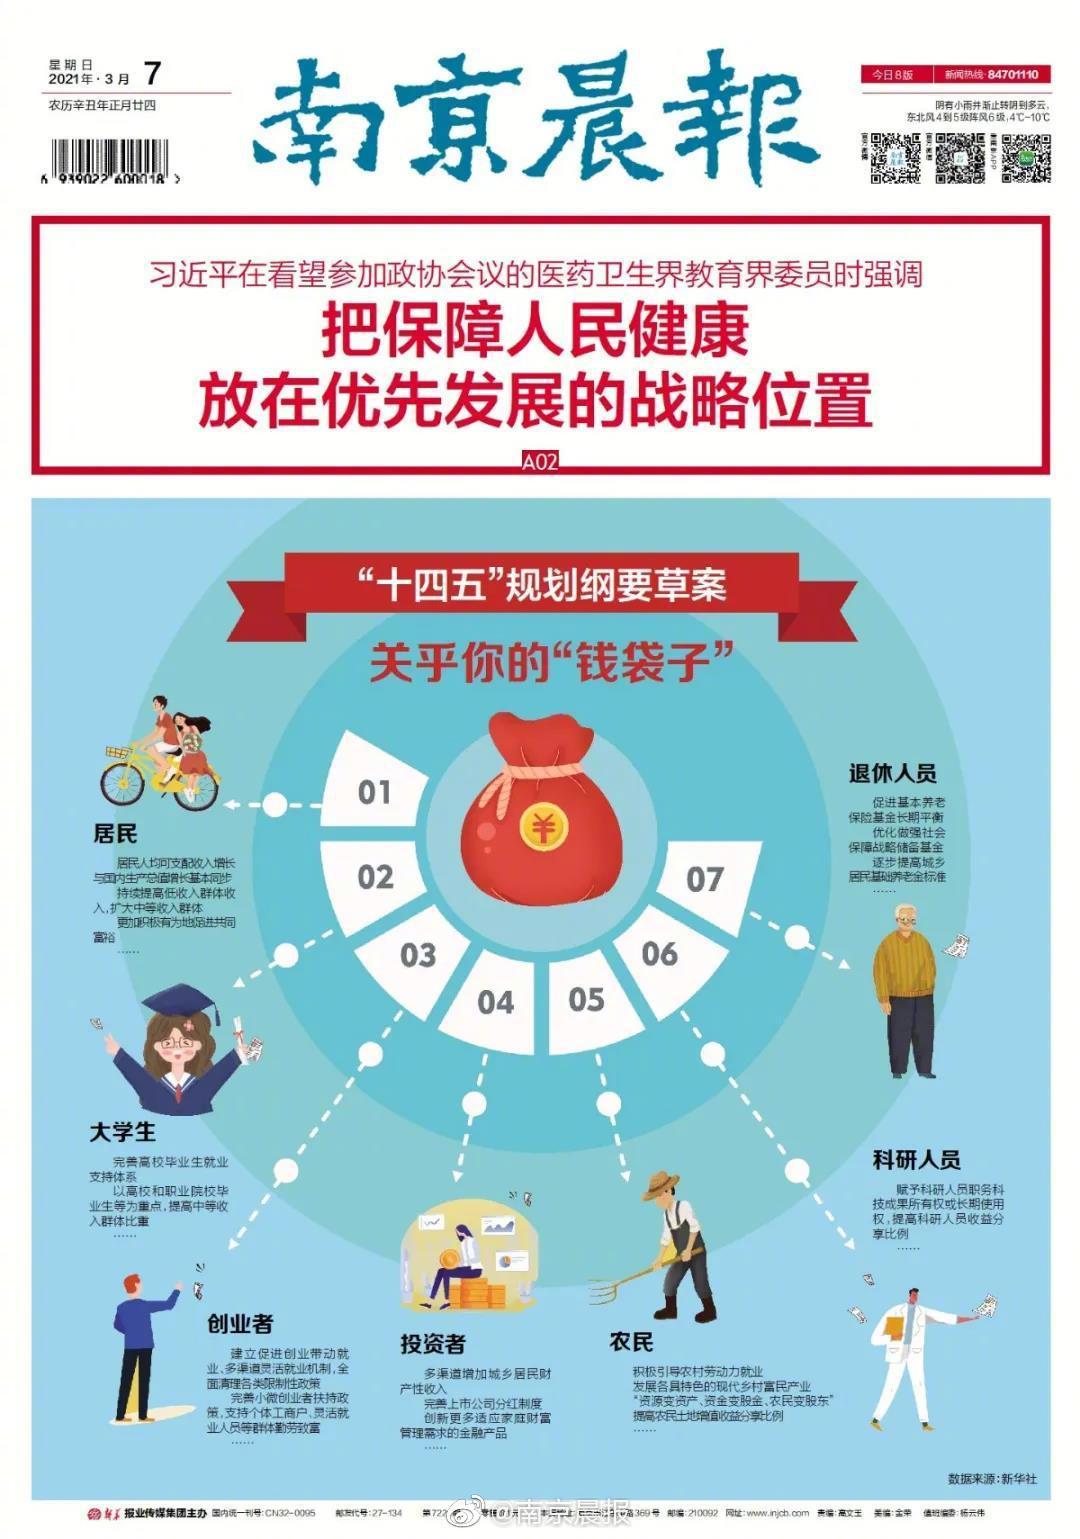 南京晨报3月7日电子版